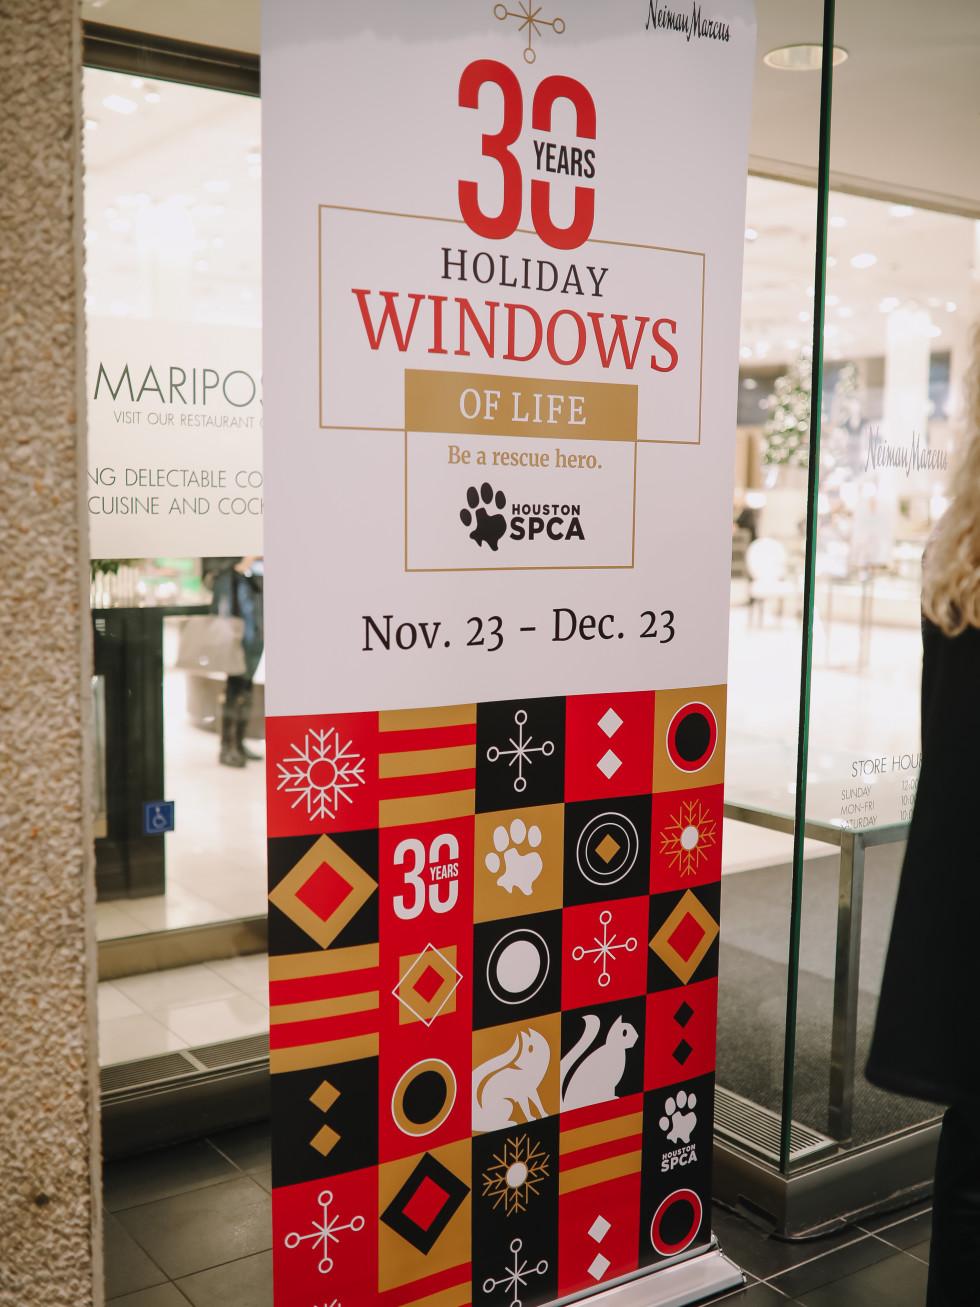 SPCA Neiman Marcus Holiday Windows of Life puppies kittens Houston